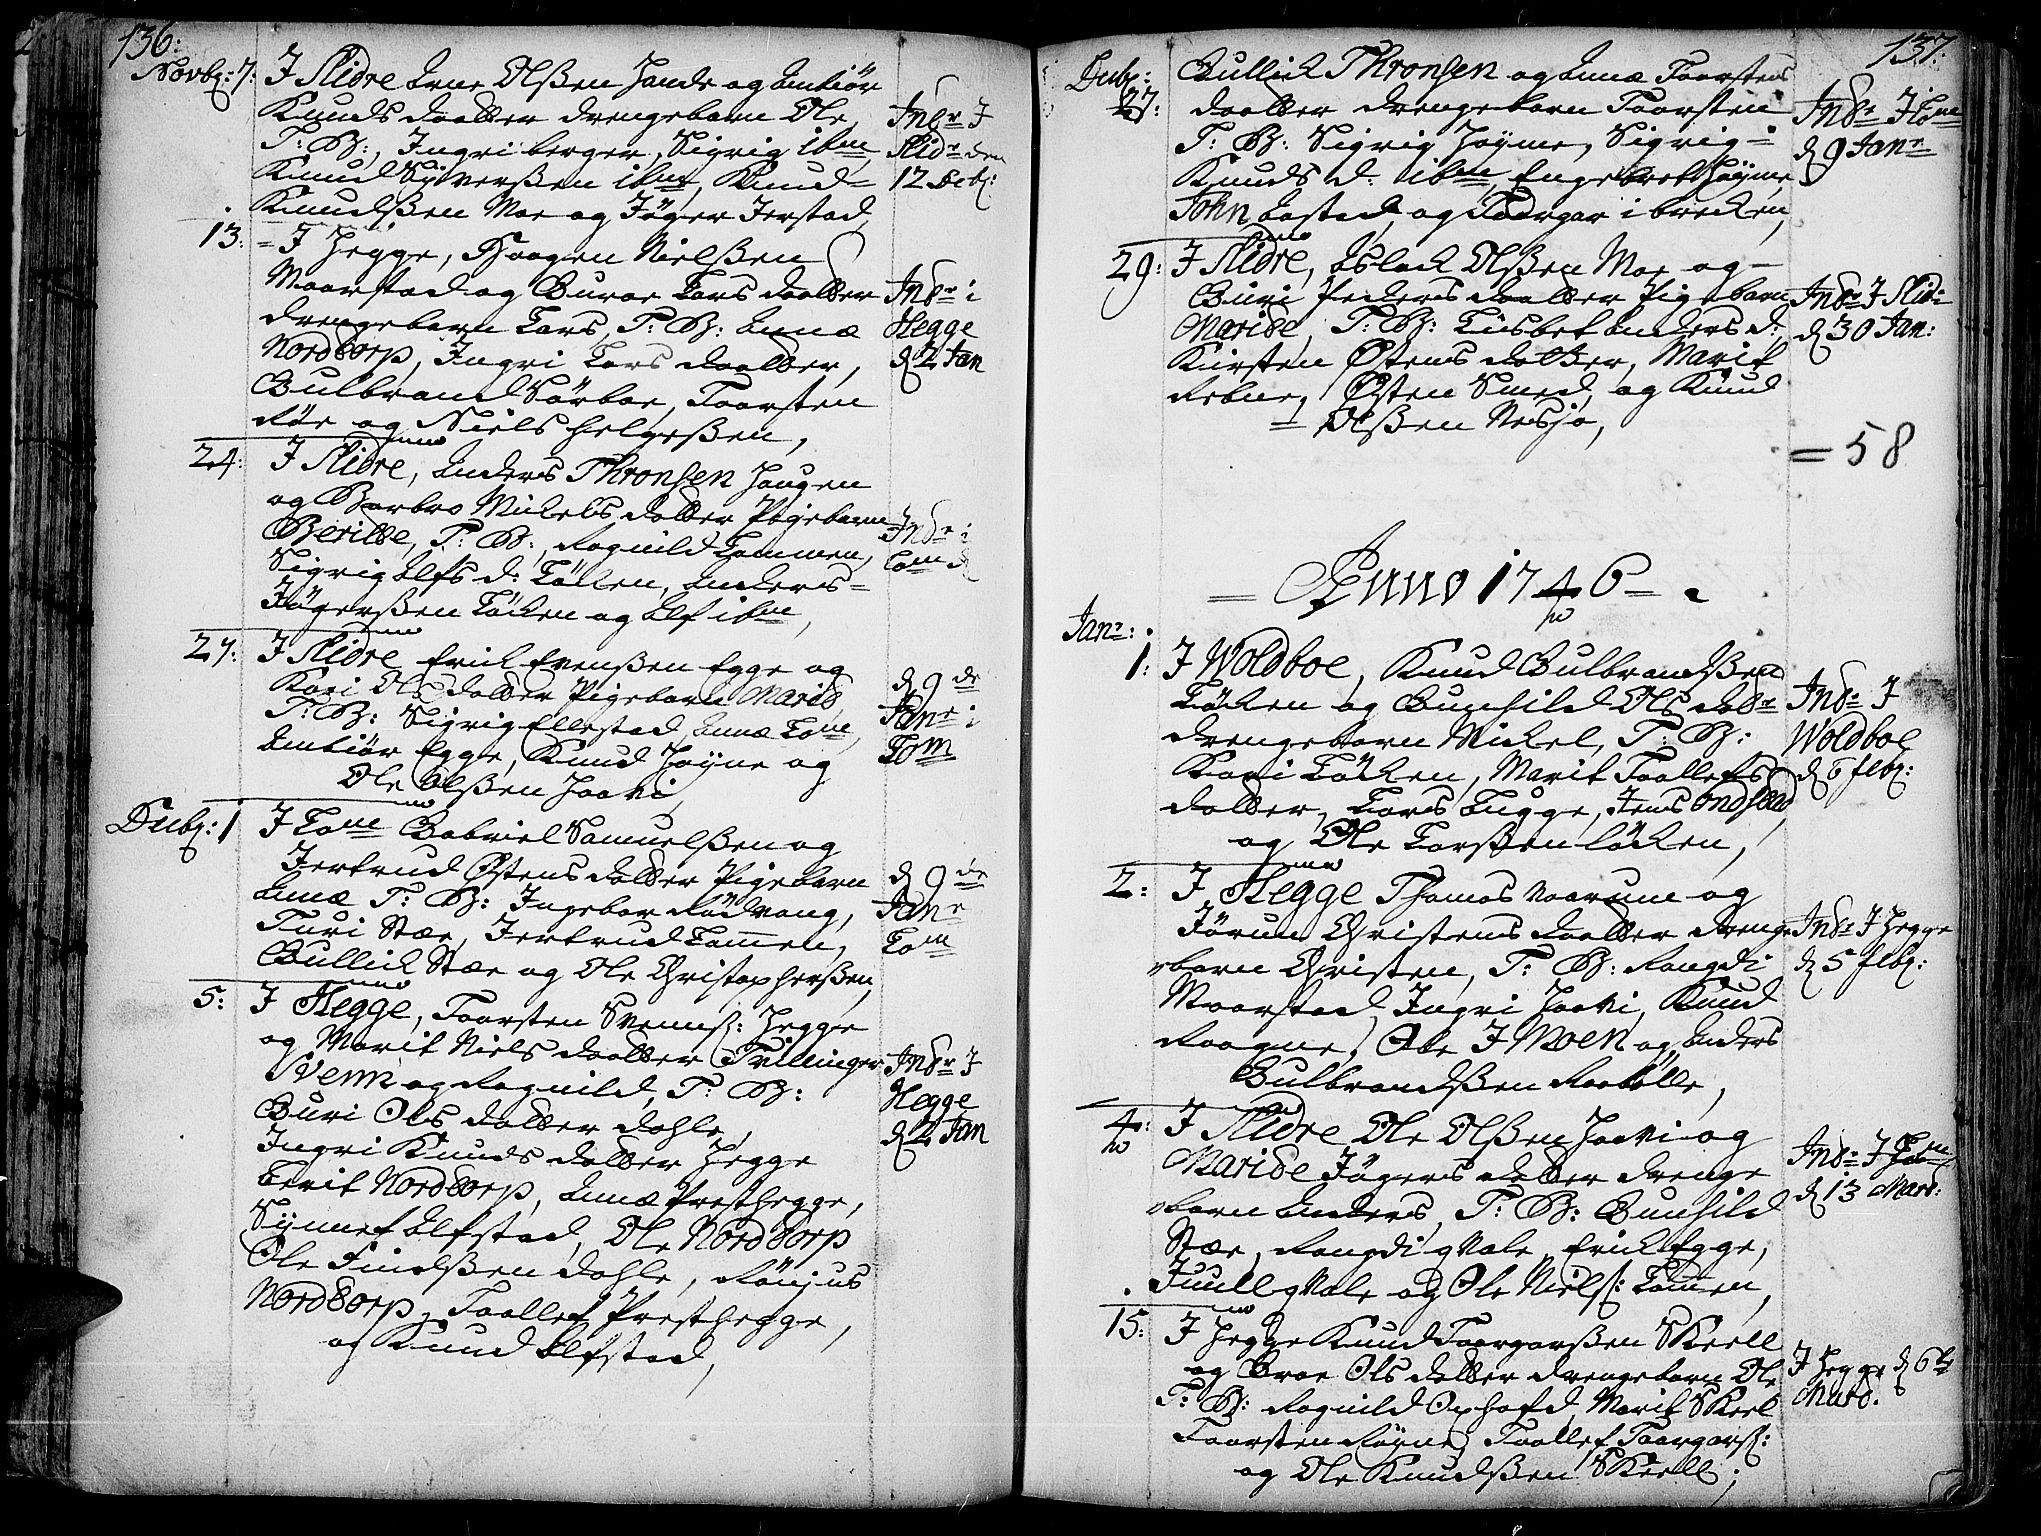 SAH, Slidre prestekontor, Ministerialbok nr. 1, 1724-1814, s. 136-137